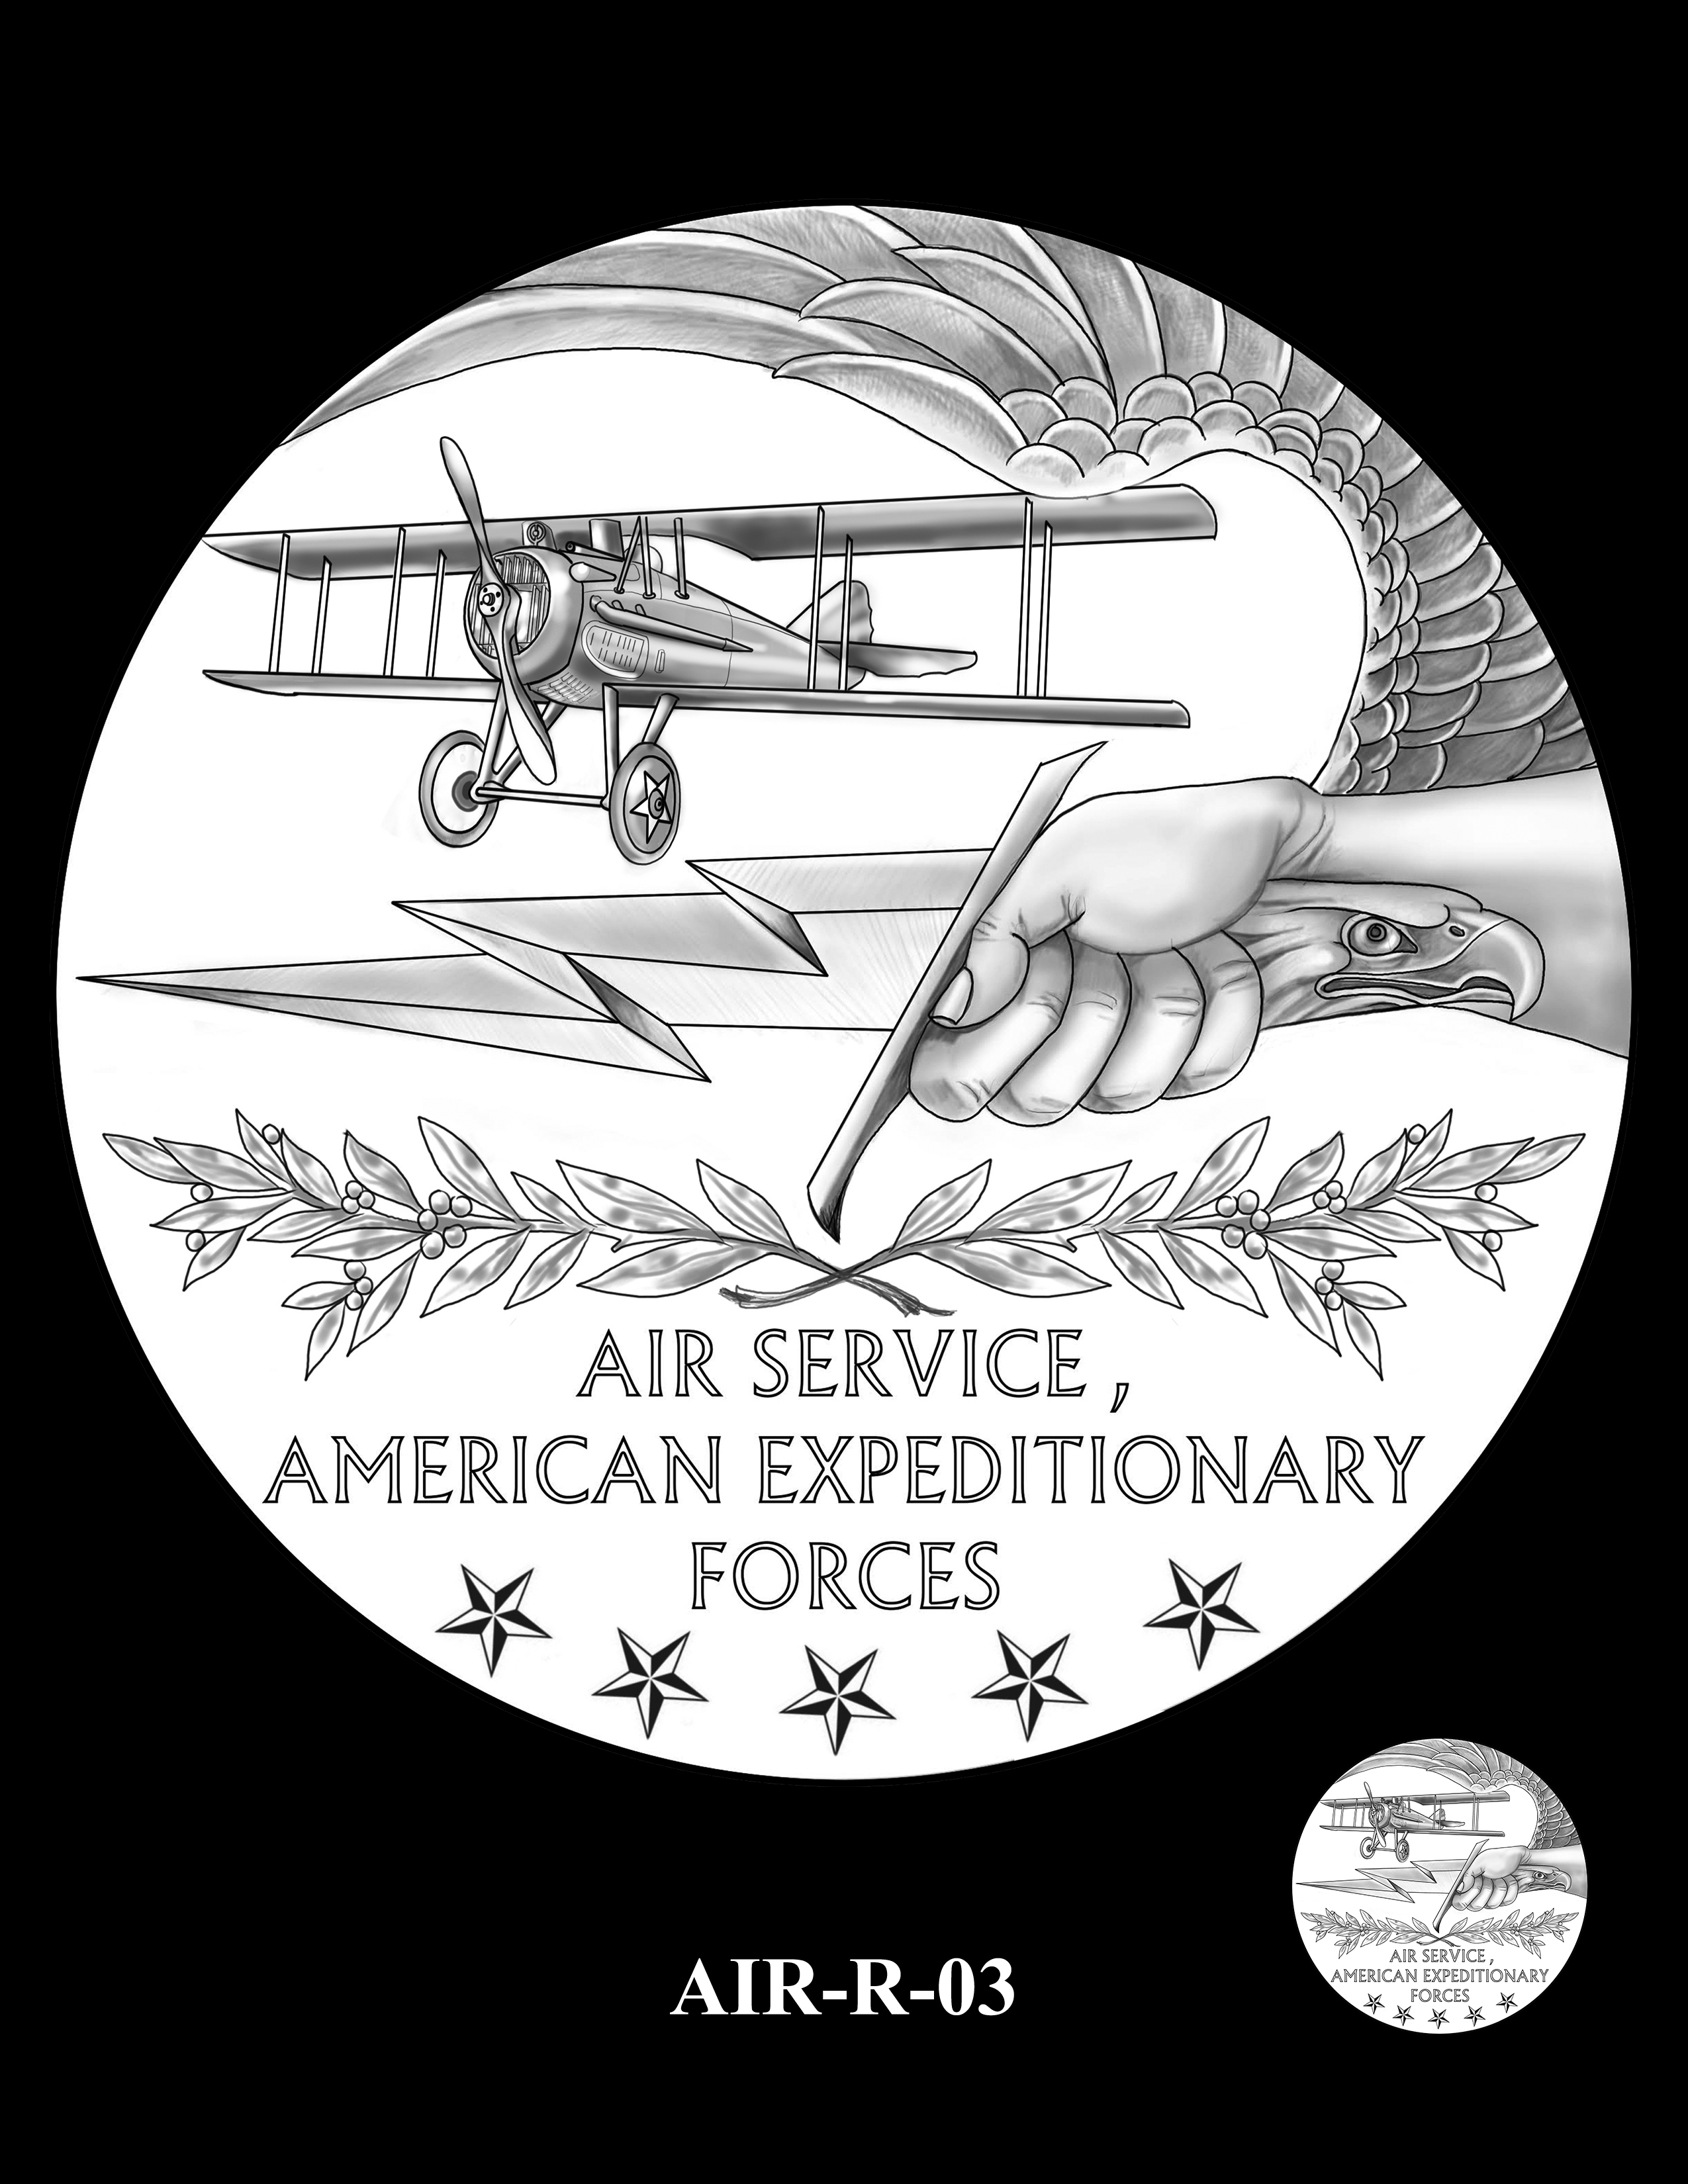 P1-AIR-R-03 -- 2018-World War I Silver Medals - Air Service